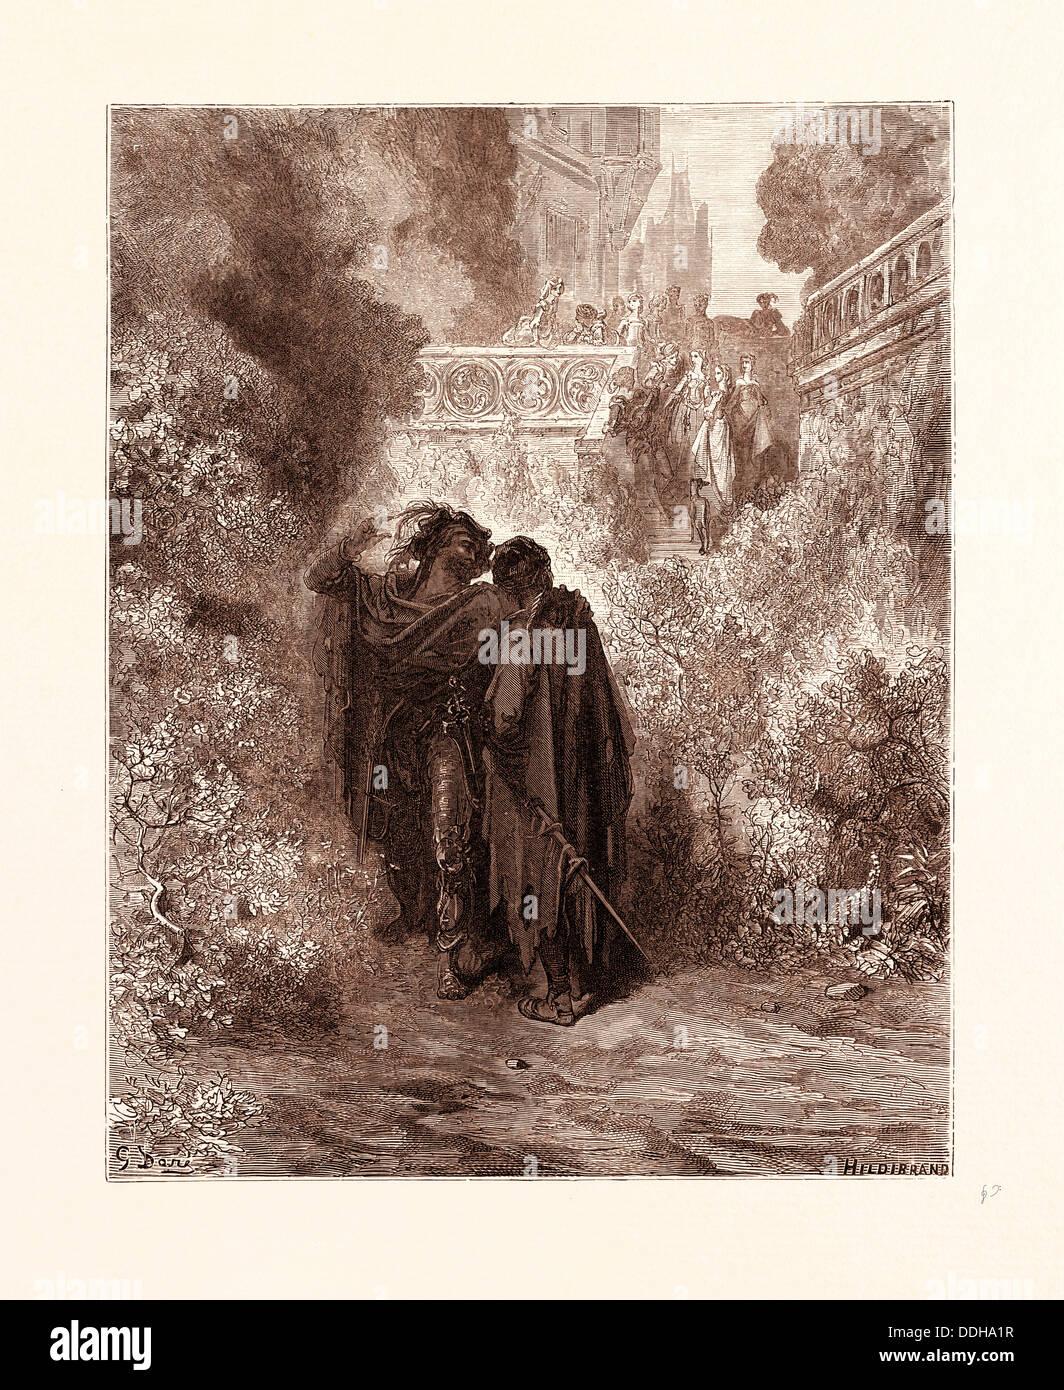 DER FUCHS UND DIE TRAUBEN VON GUSTAVE DORE. Eines der Aesop-Fabeln. Dore, 1832-1883, Französisch. 1870, Kunst, Künstler, Romantik Stockbild